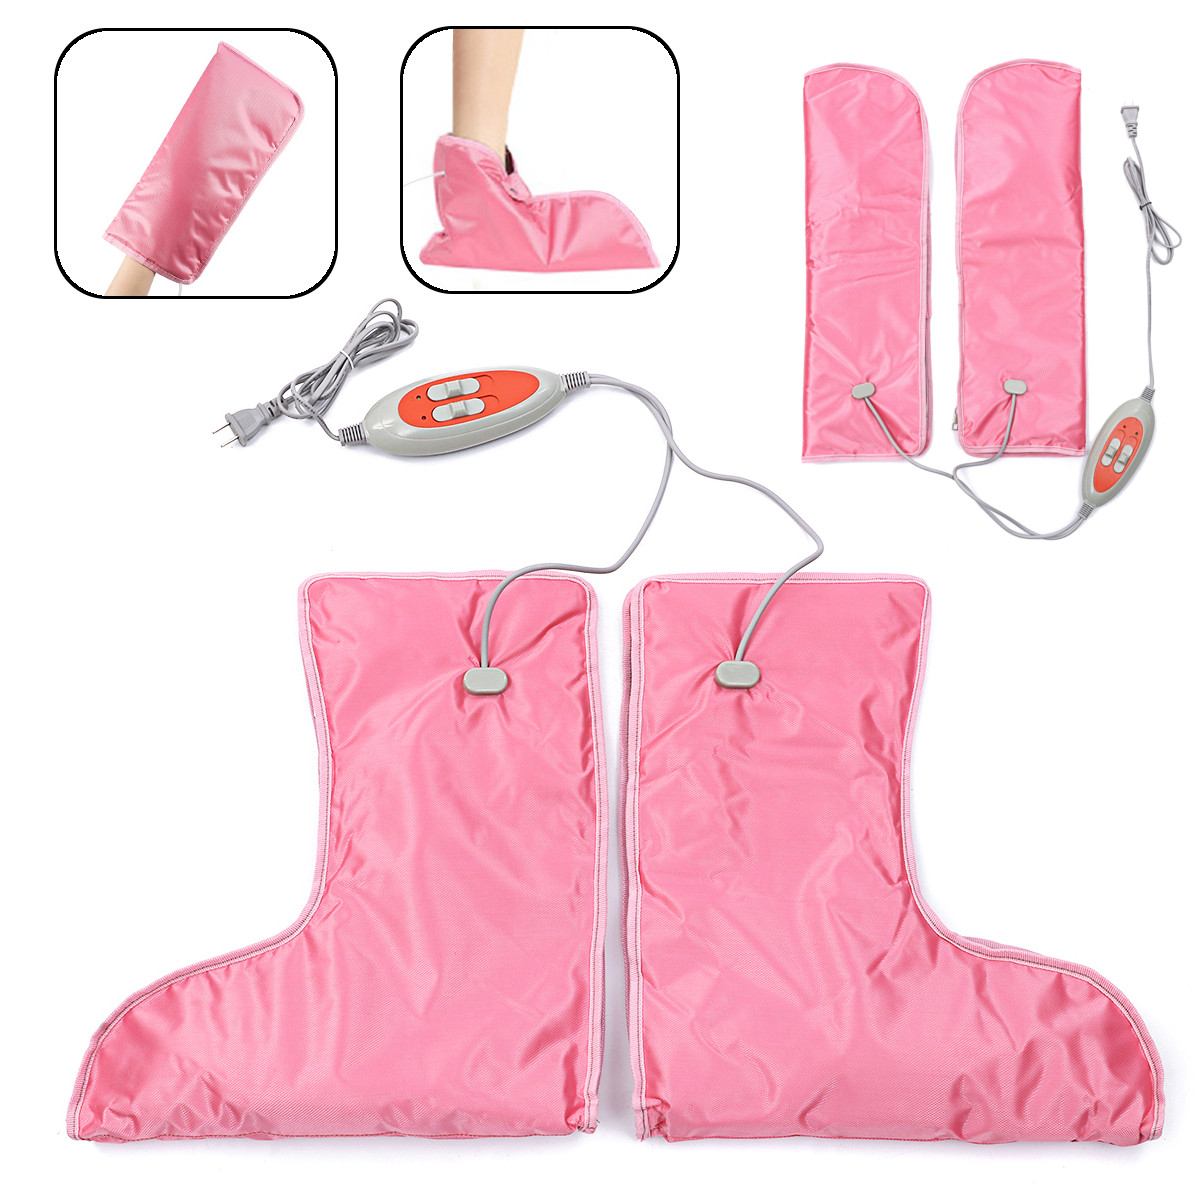 220 V gants chauffants électriques mitaines traitement de thérapie infrarouge pied main plus chaud manucure soins Nail Art équipement outils 45 W ~ 60 W